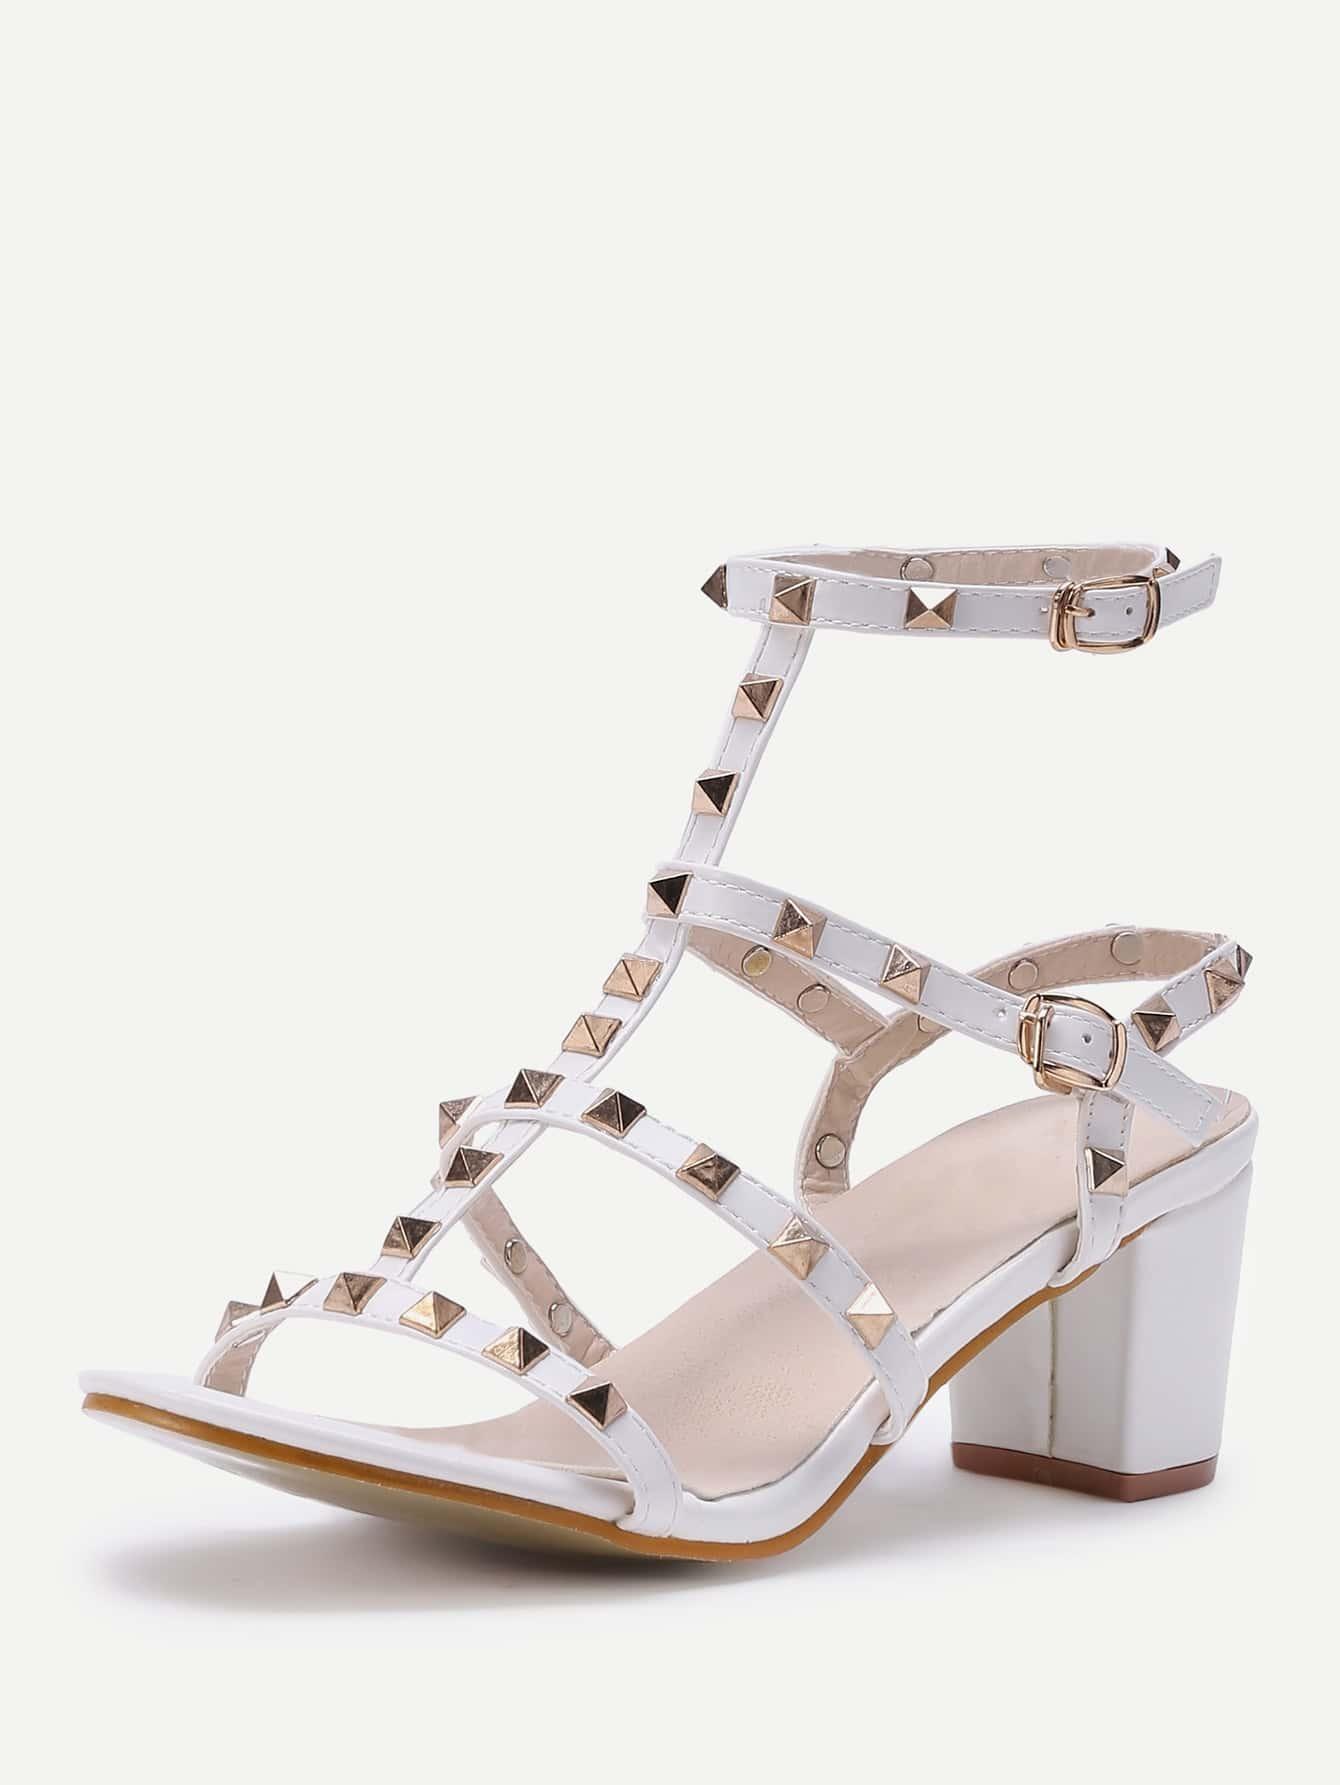 shoes170511809_2